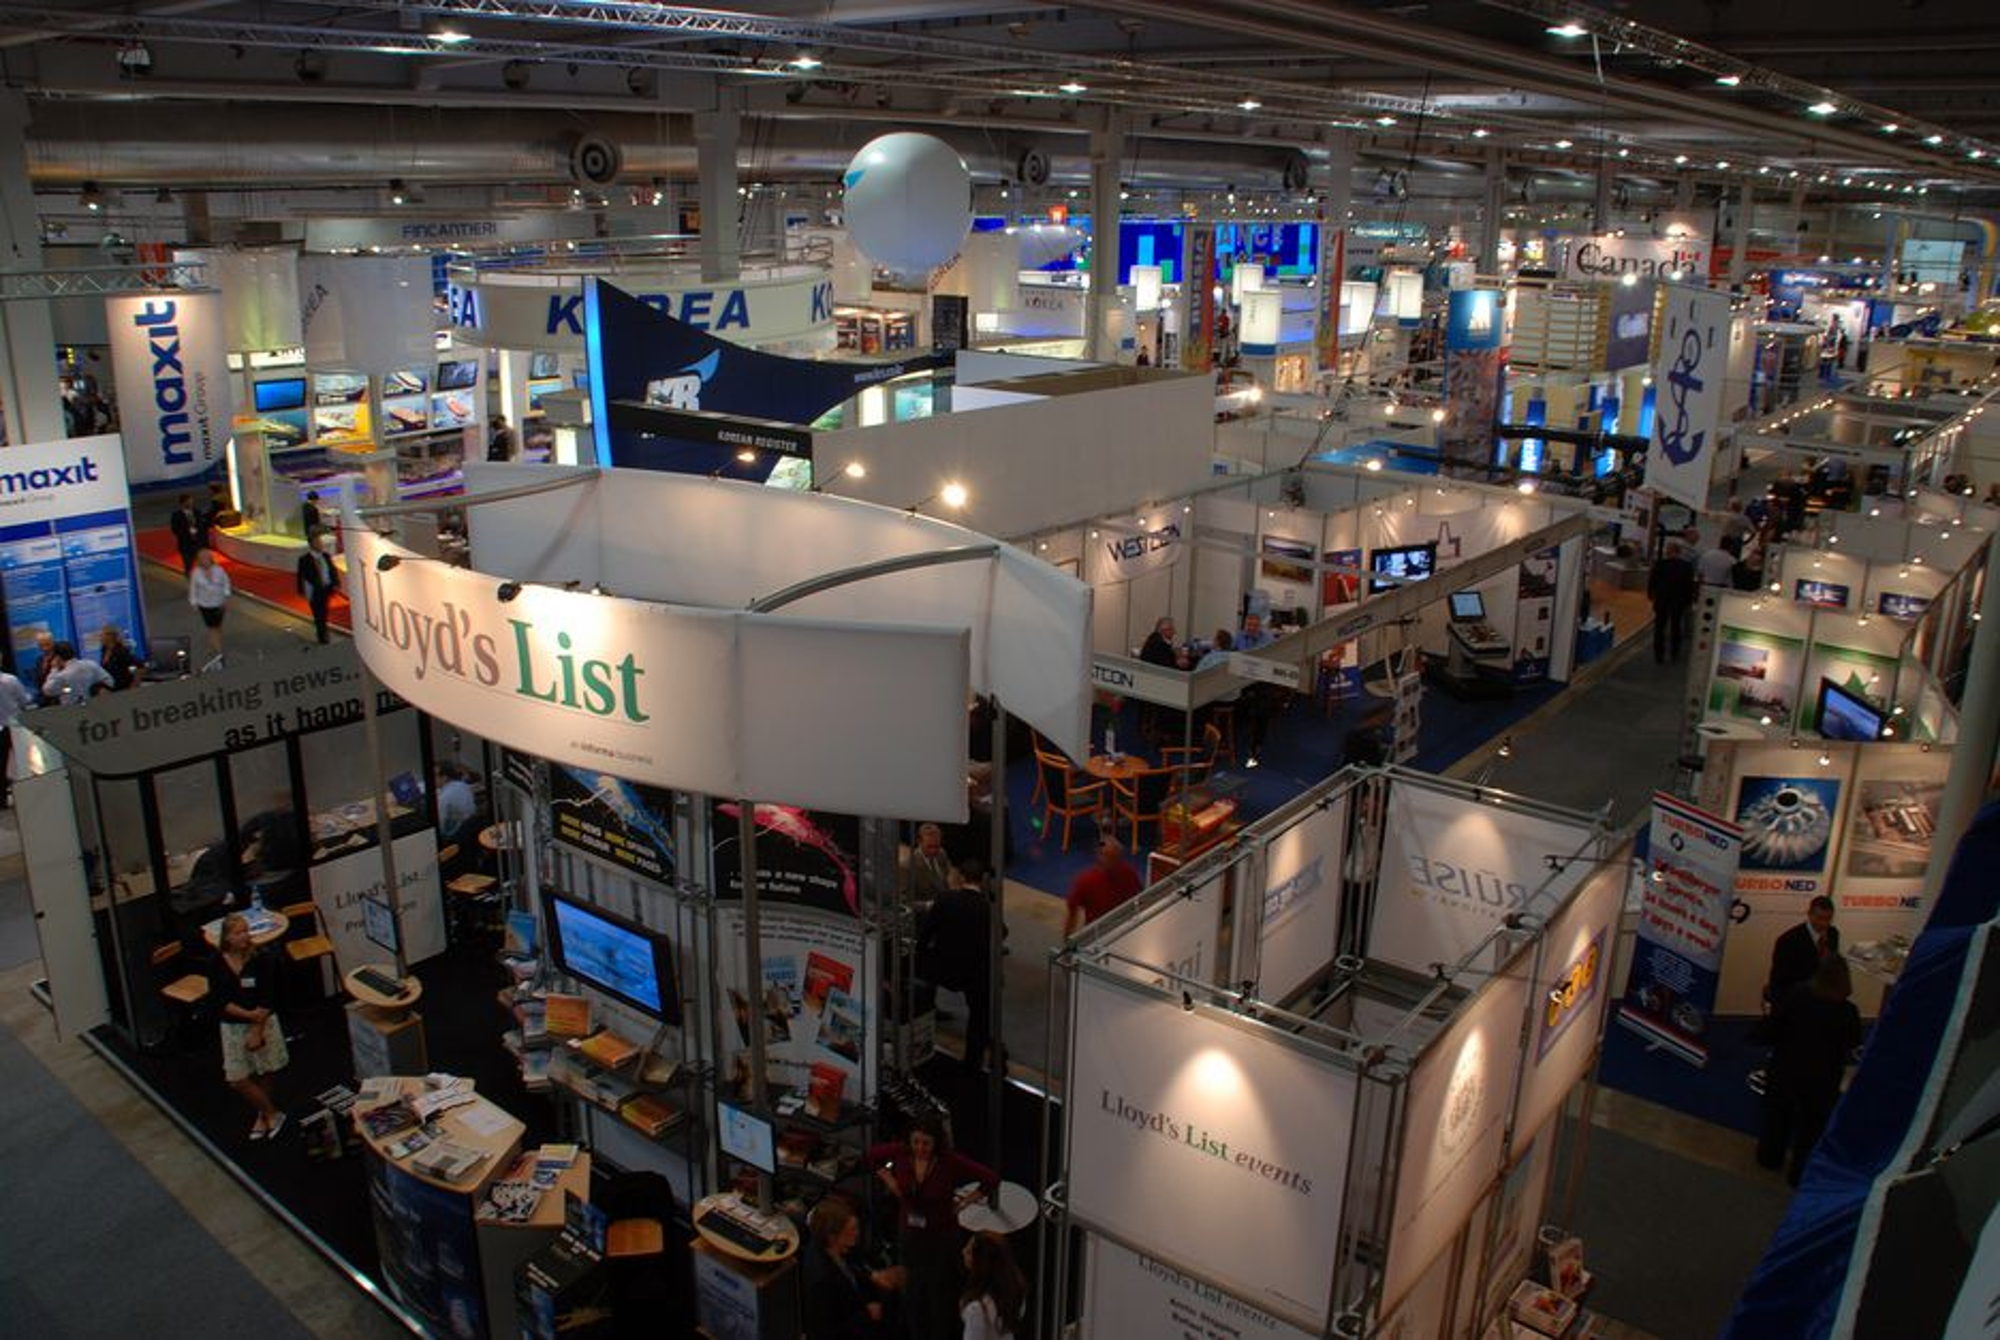 MANGE: Mer enn 825 bedrifter fra 43 land er representert i Lillestrøm under årets Nor-Shipping.